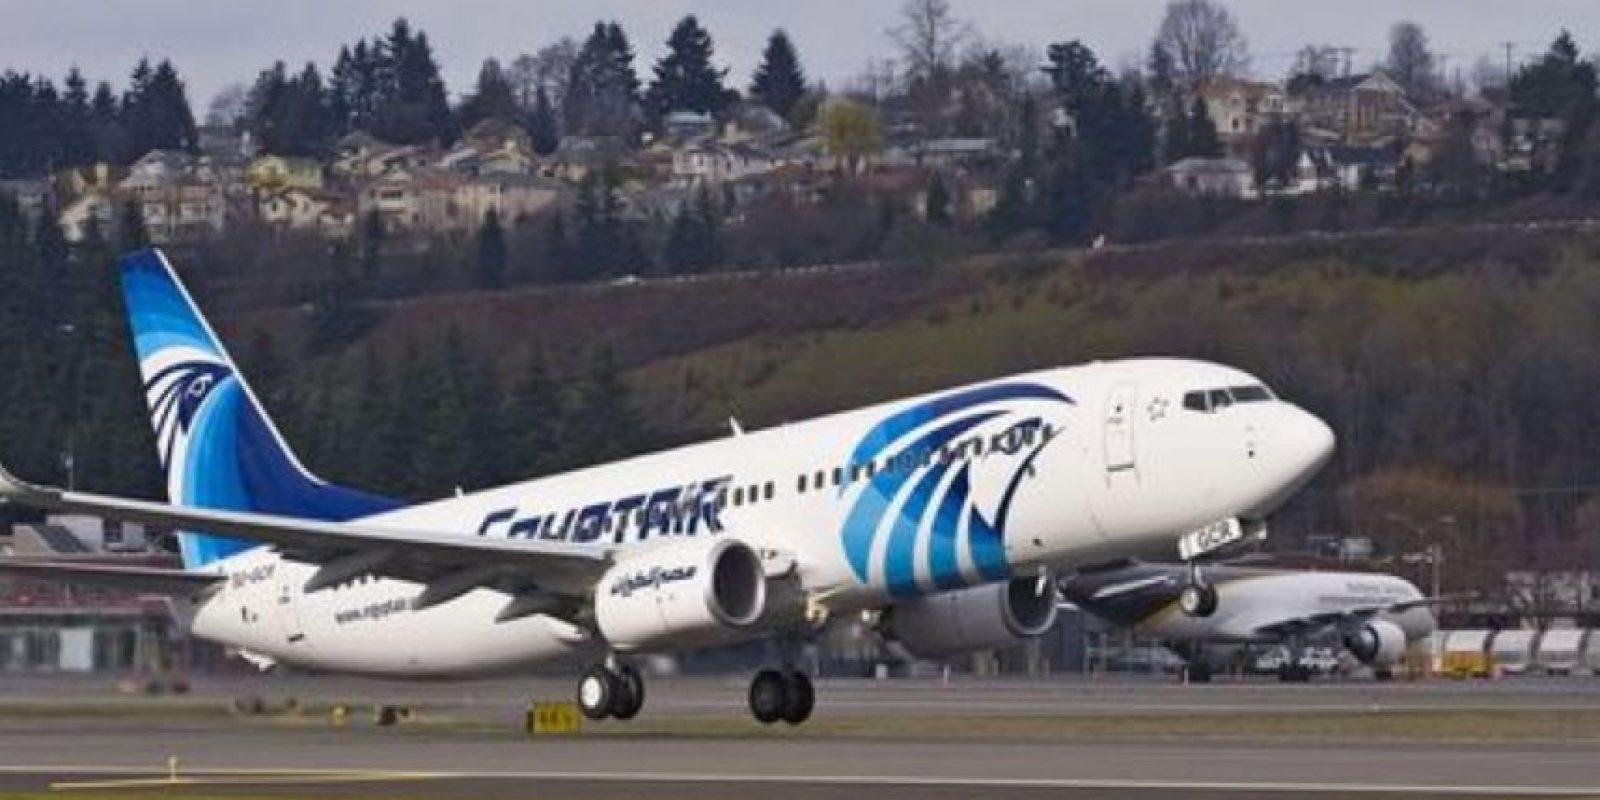 El Airbus A-320 de EgyptAir se encuentra desaparecido Foto:Twitter